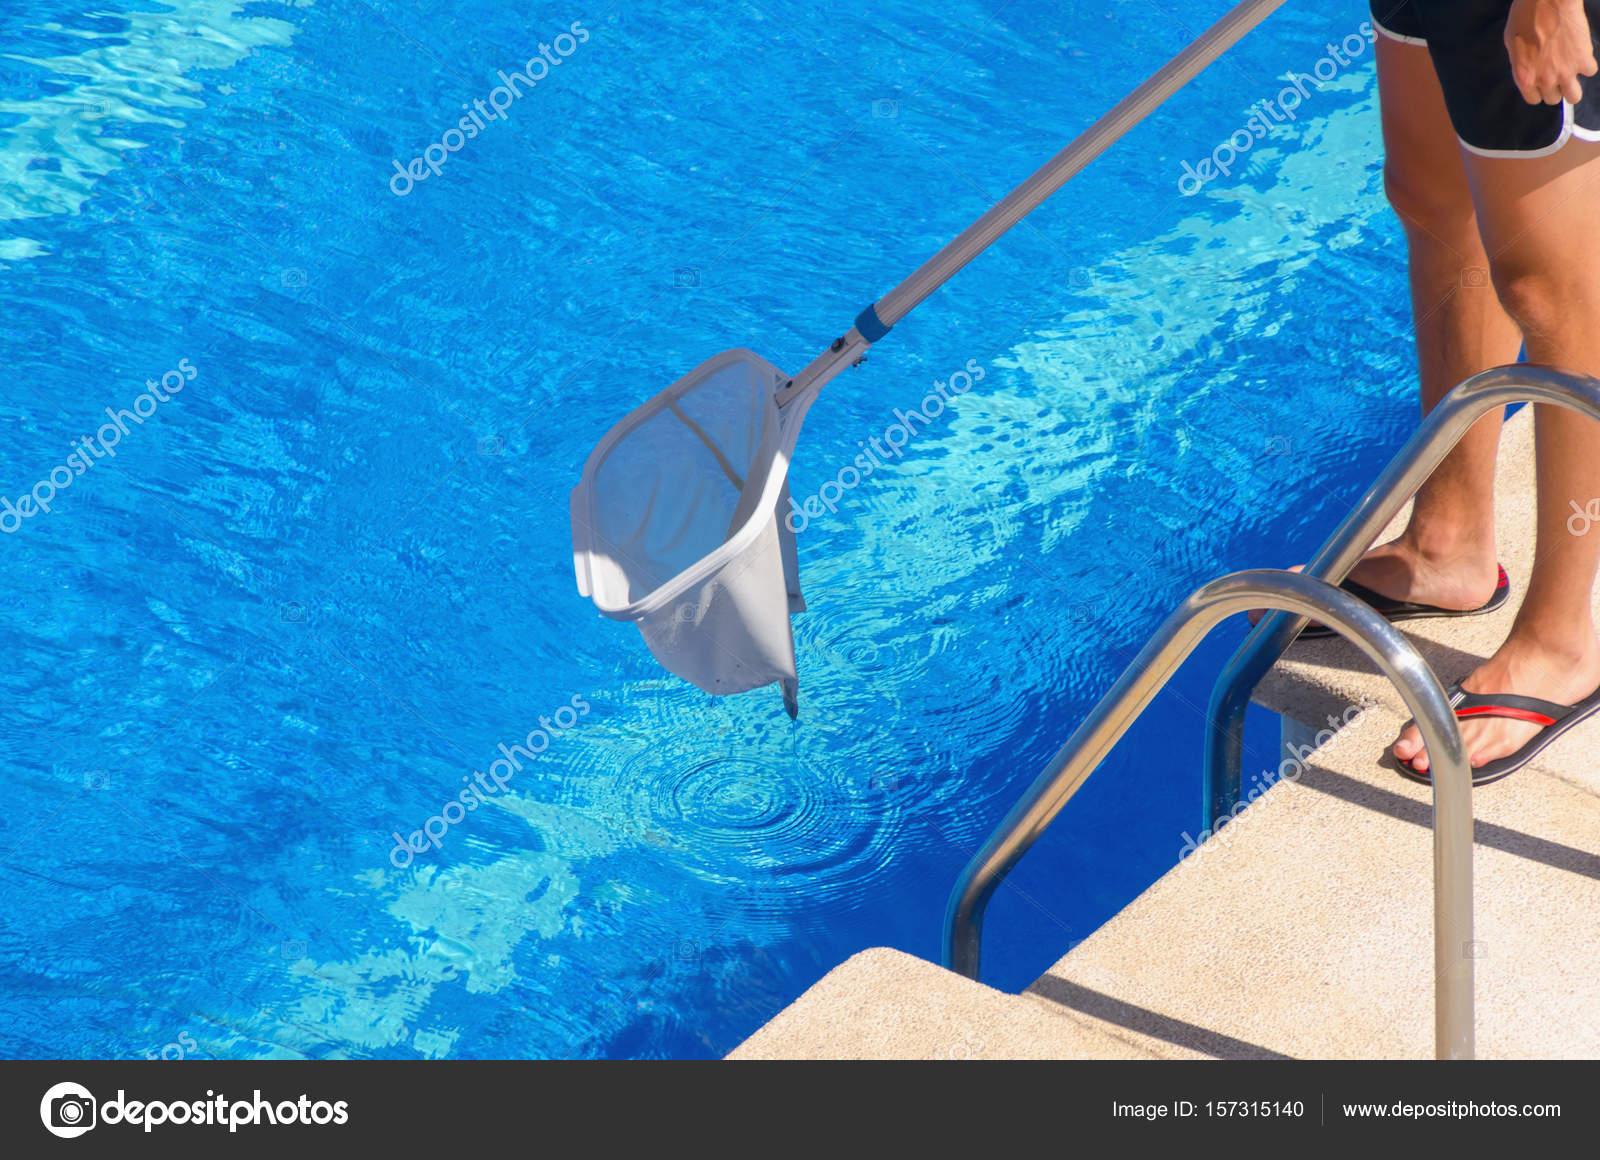 Pool reinigen trendy ein kerl der mit einem teleskop - Holzmobel pflegen hausmittel ...